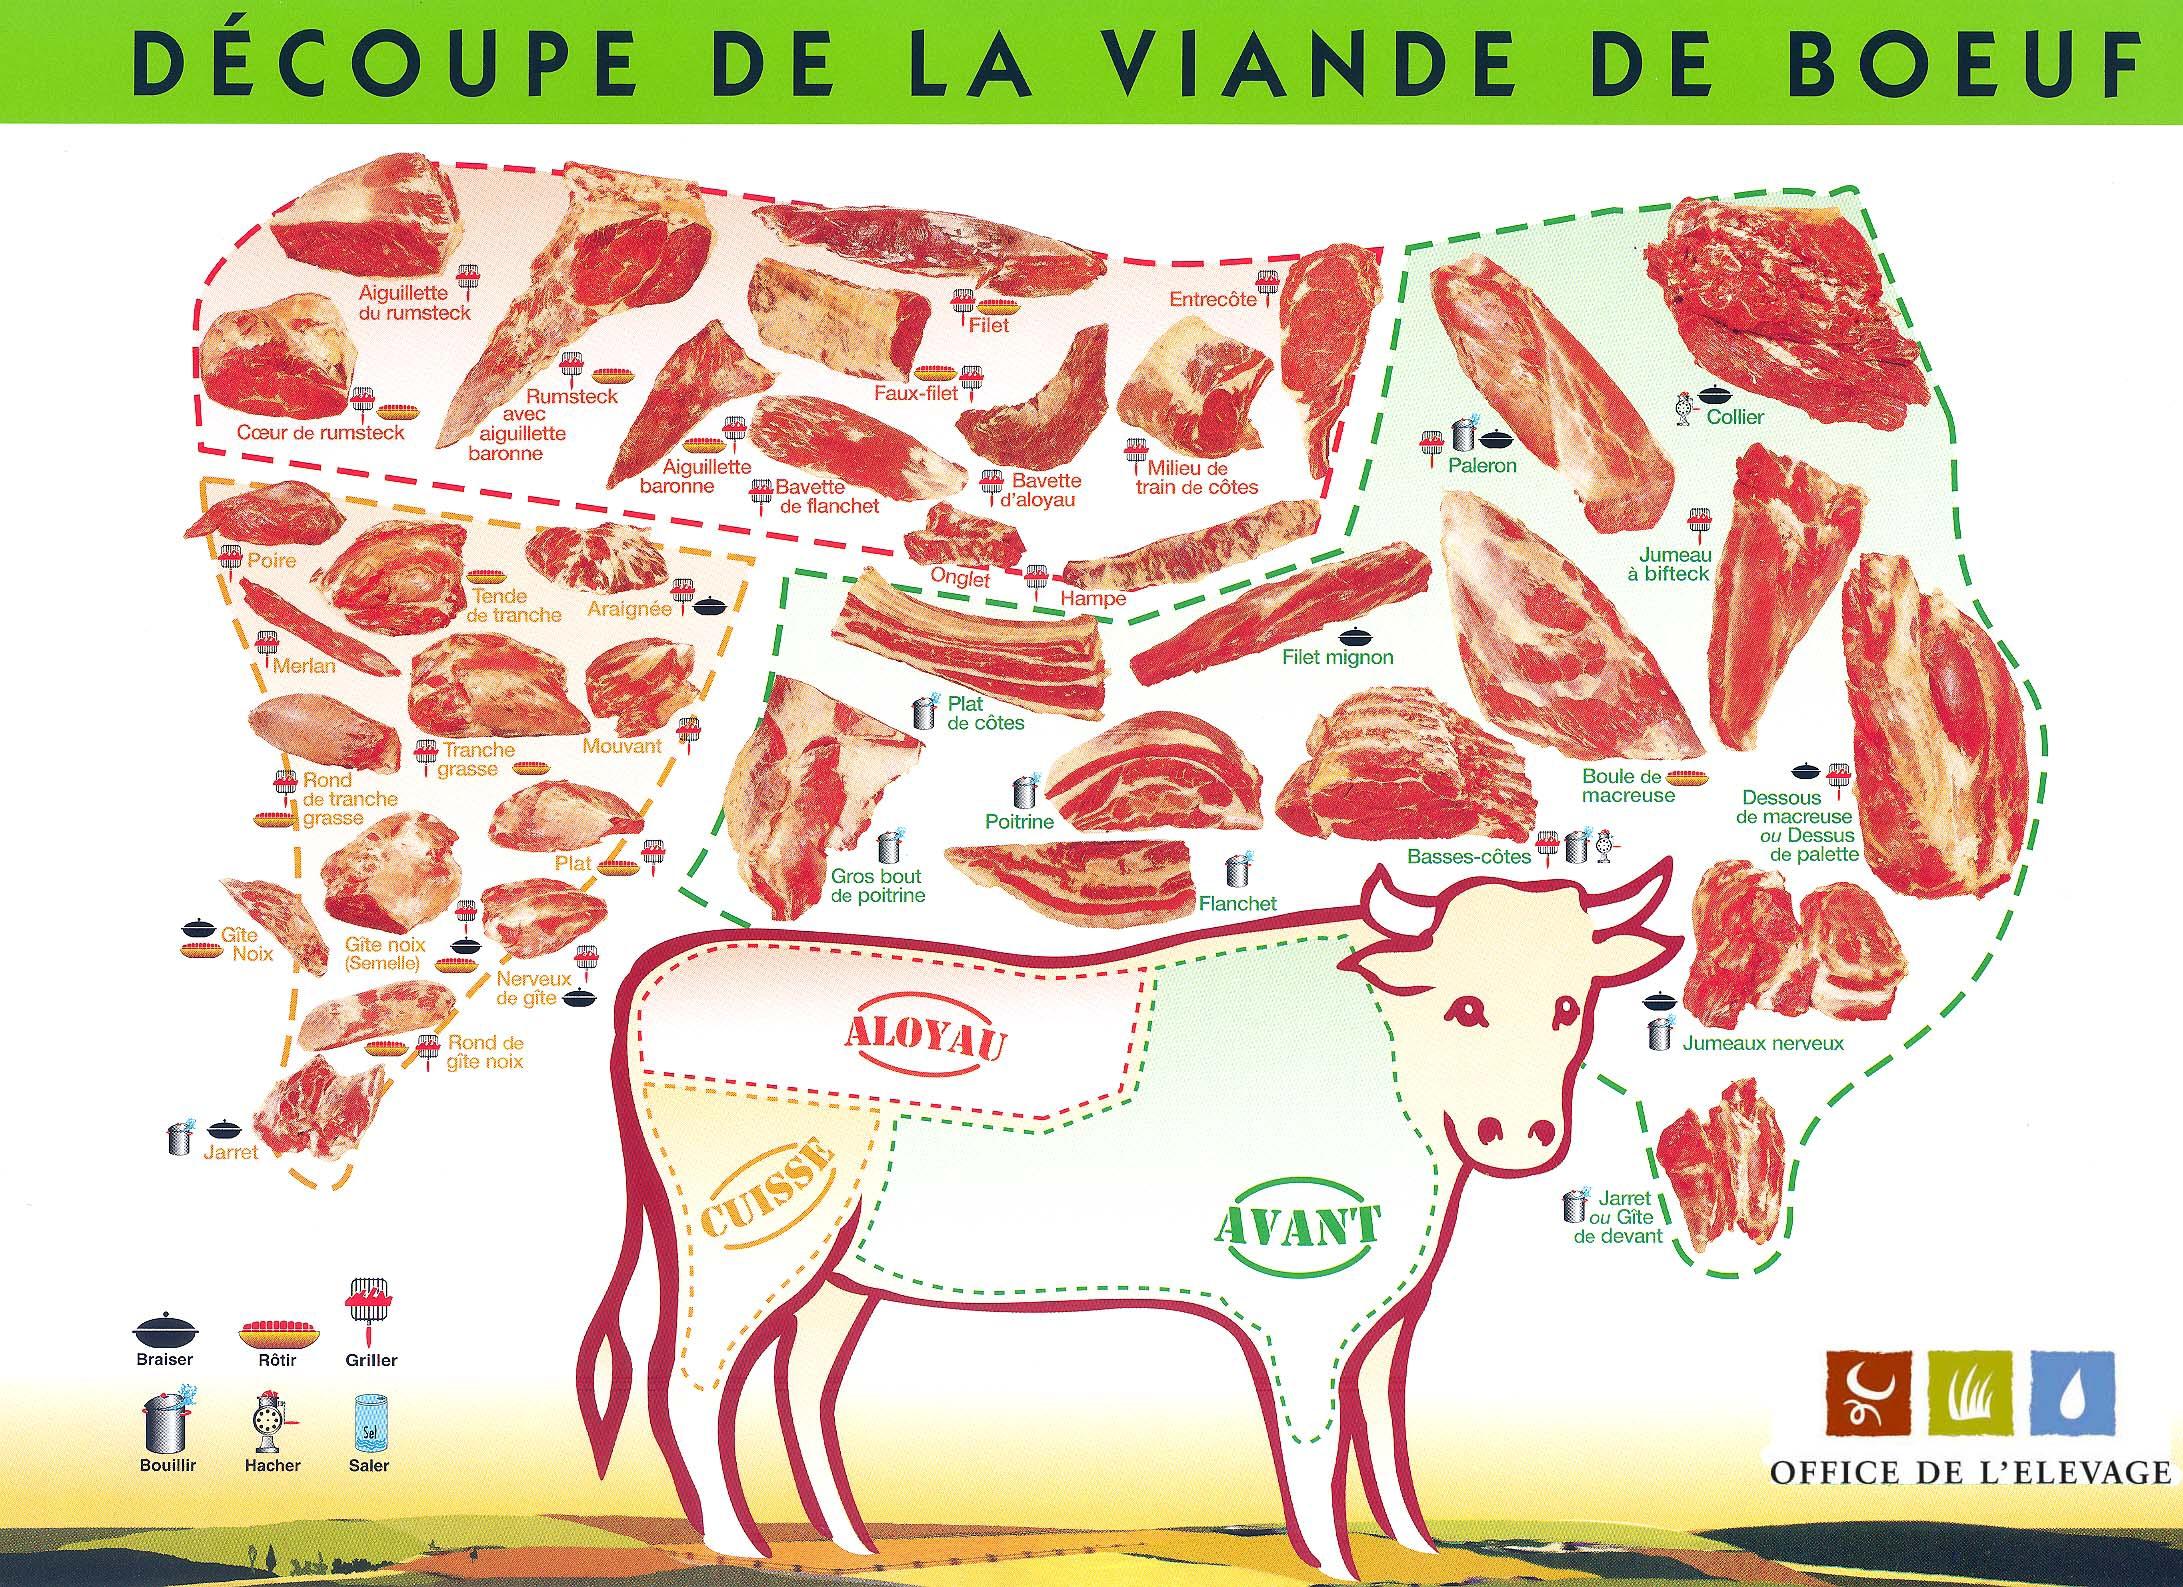 Picerie colis de b uf le guibra st sulpice la for t - Comment couper de la viande congelee ...